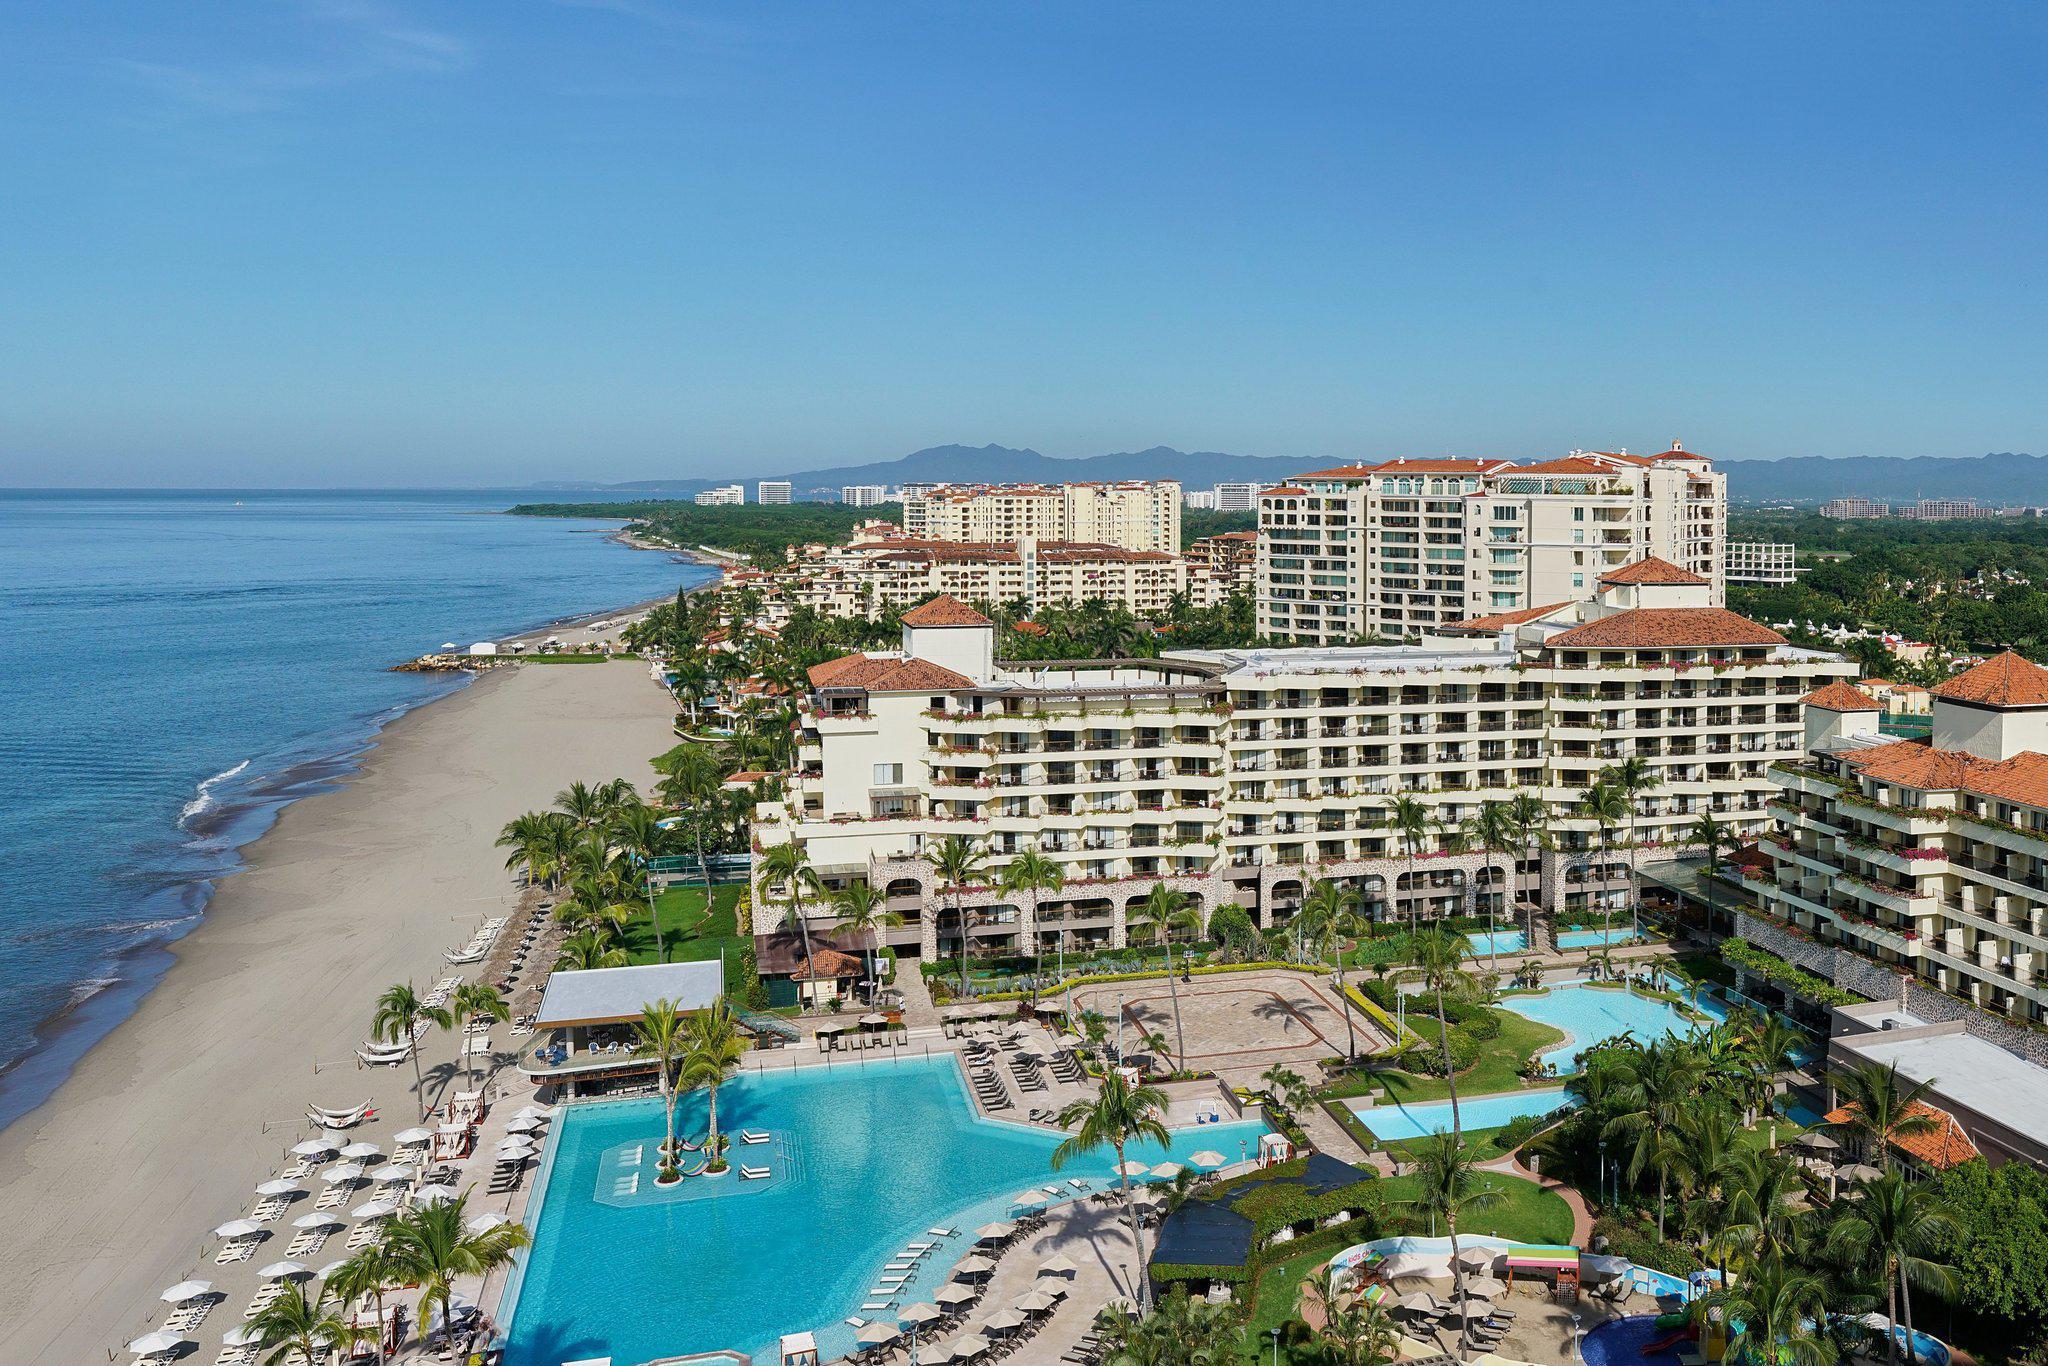 Marriott Puerto Vallarta Resort & Spa